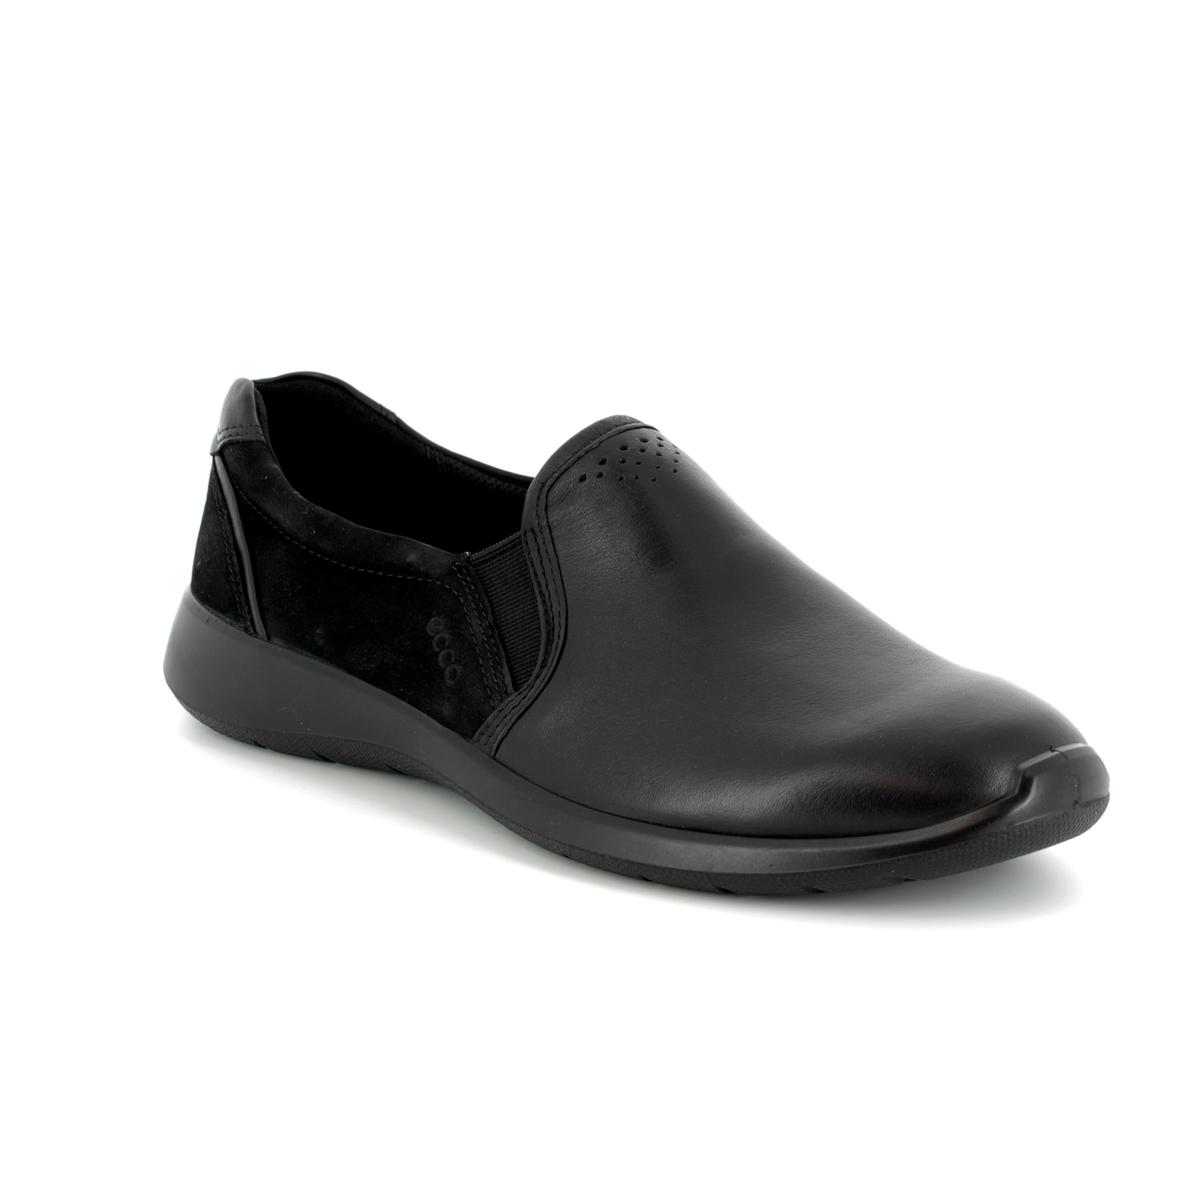 fcfd2d3a4d51 ECCO Comfort Shoes - Black - 283003-53859 SOFT 5